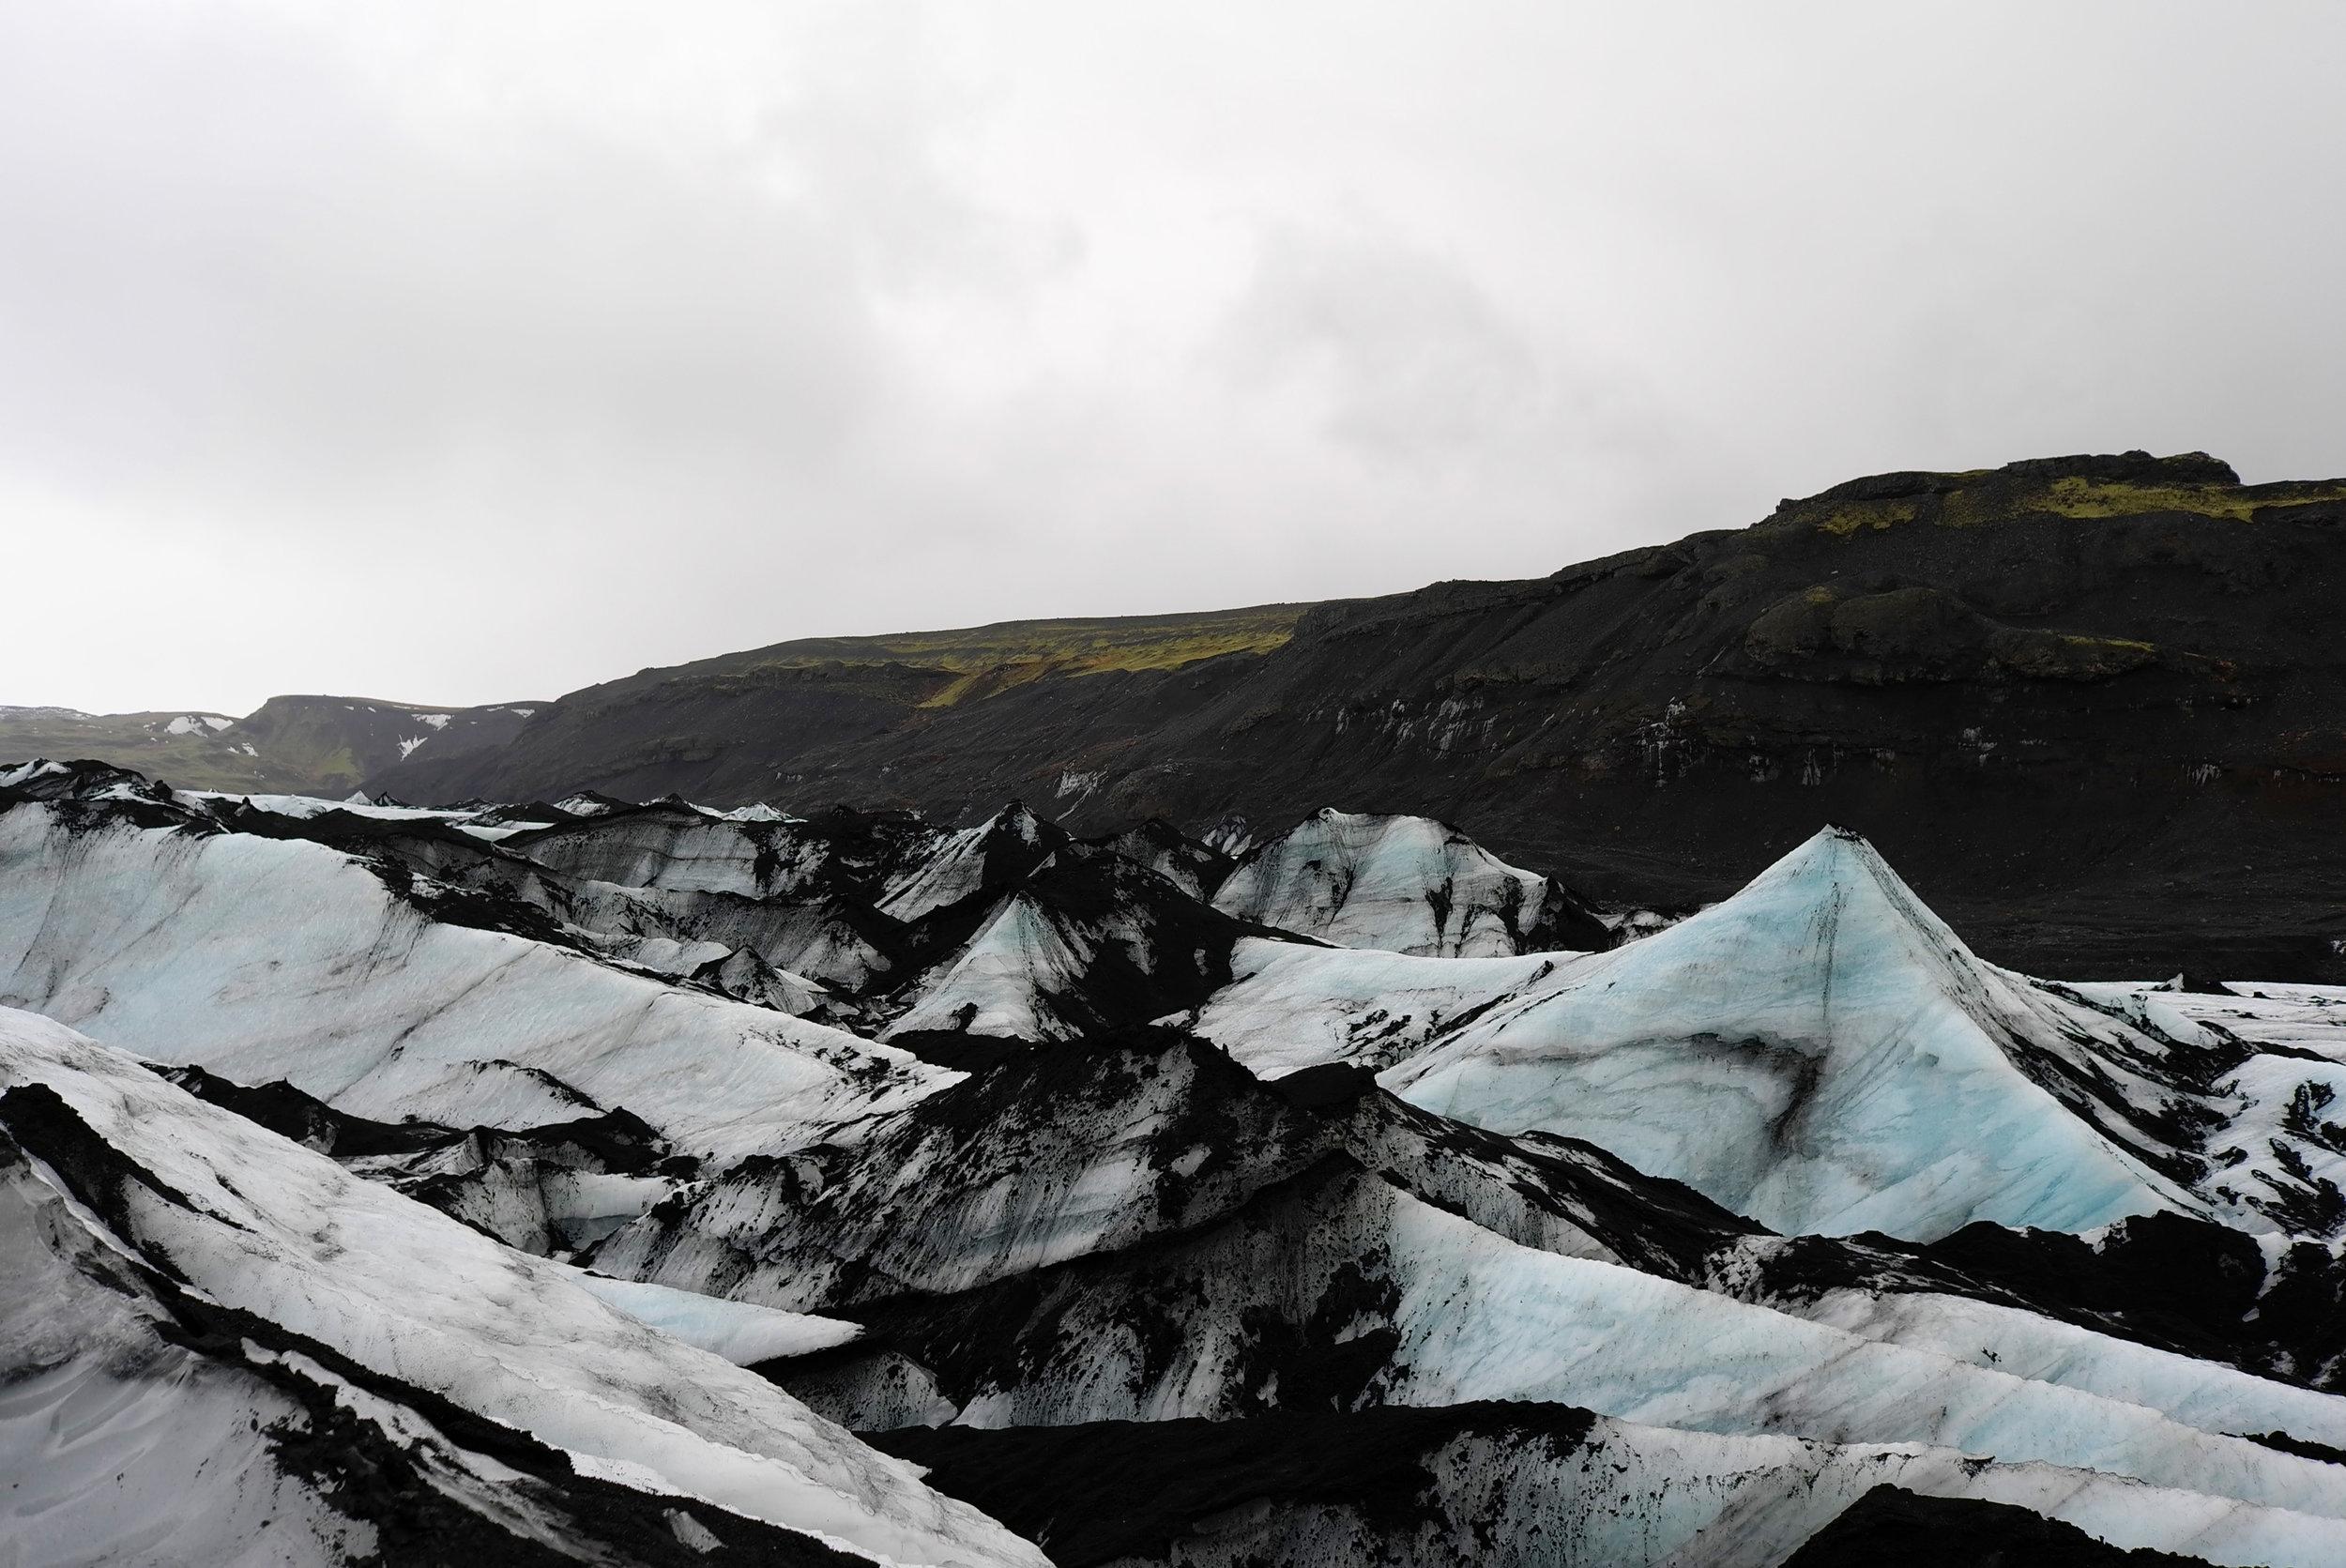 Lozidaze_Iceland_13